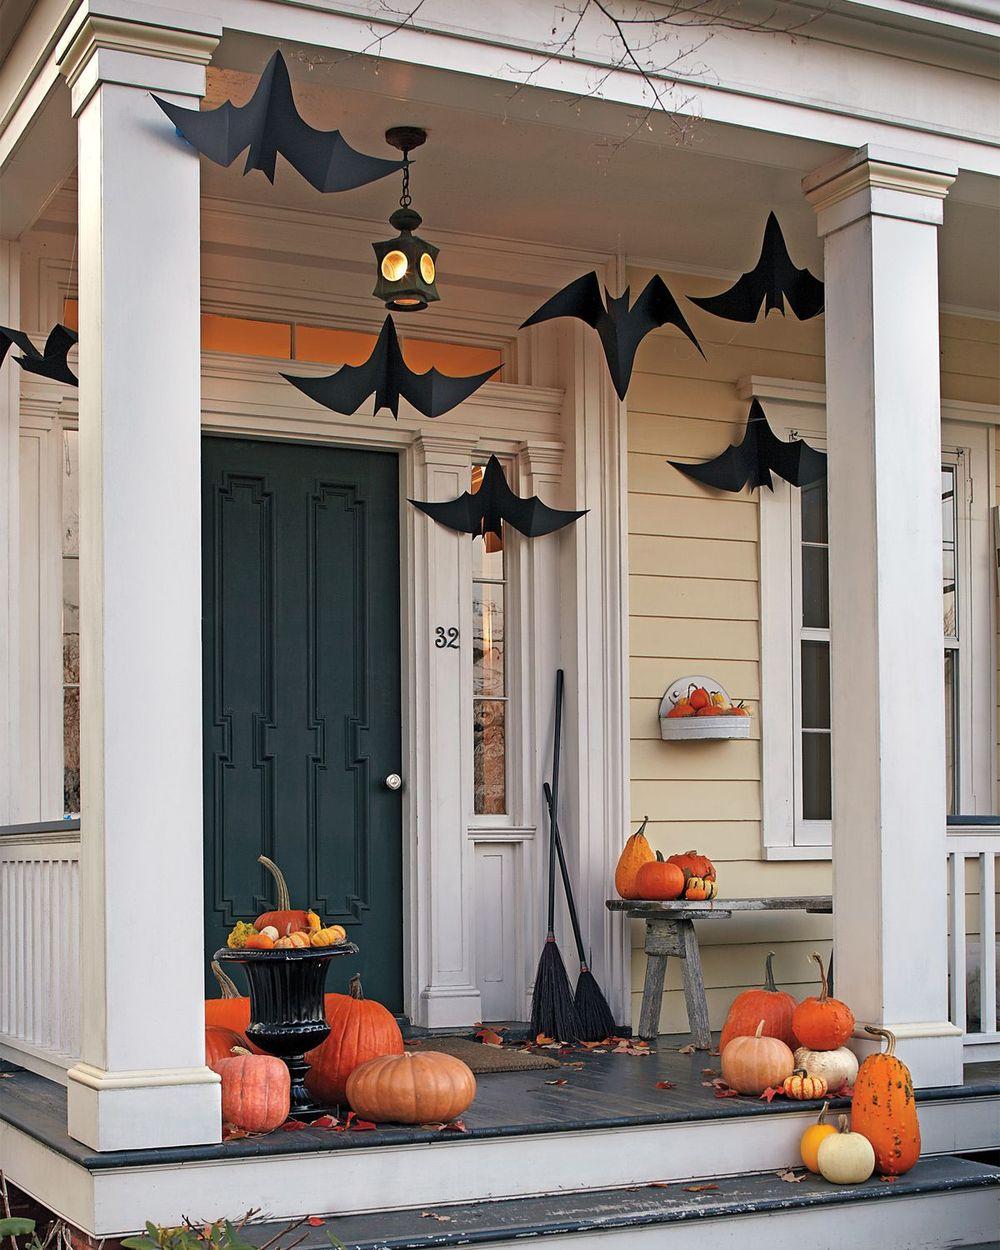 Halloween front porch decor via marthastewart